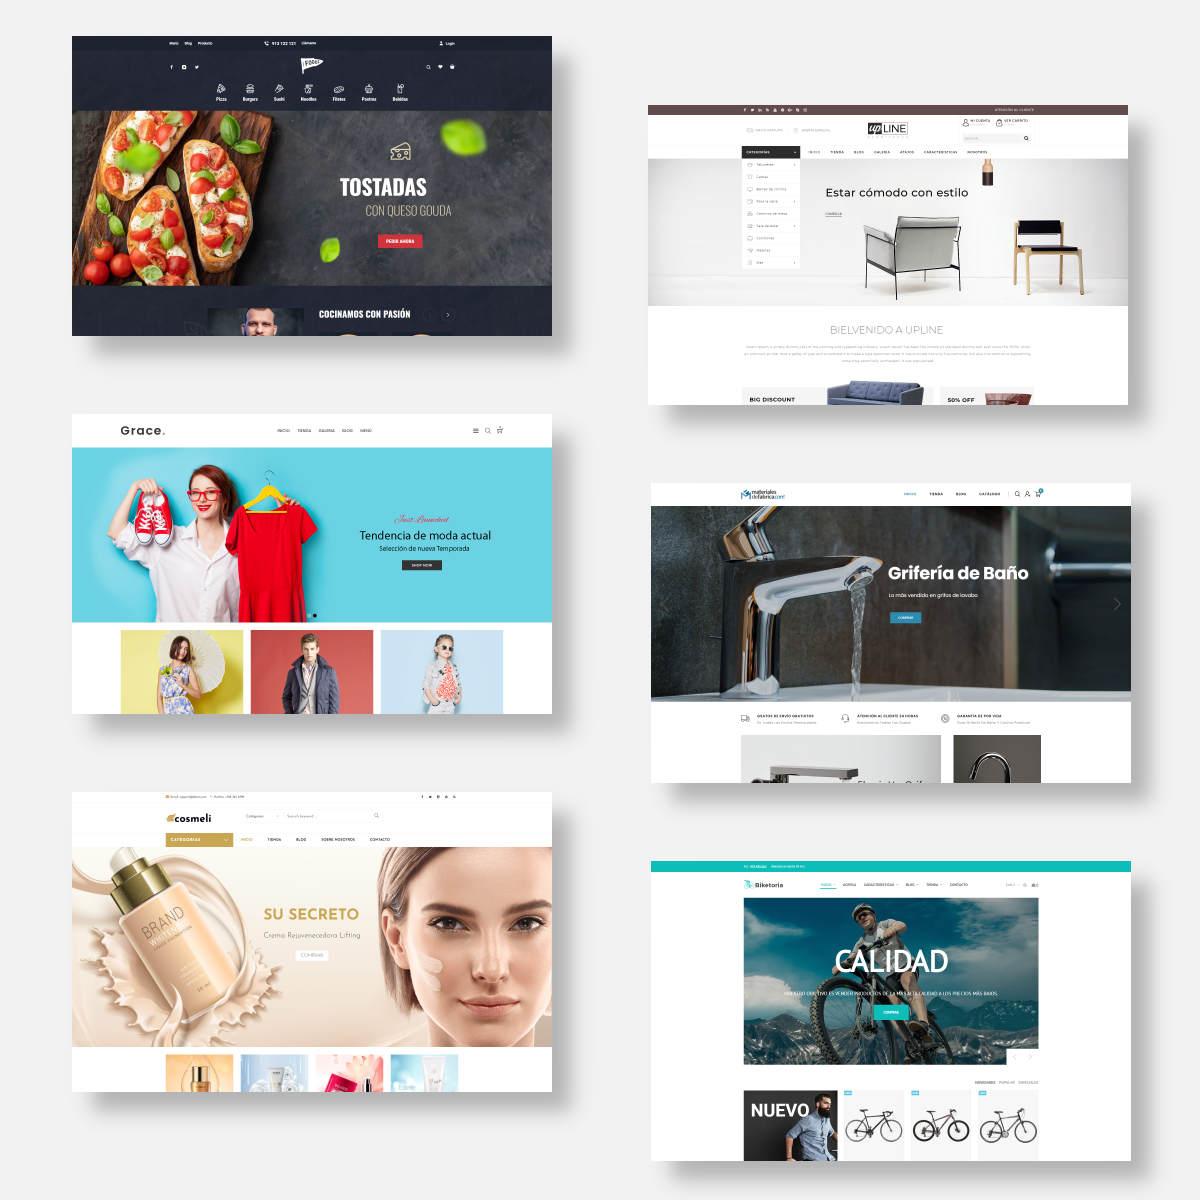 diseño tiendas online woocommerce 2